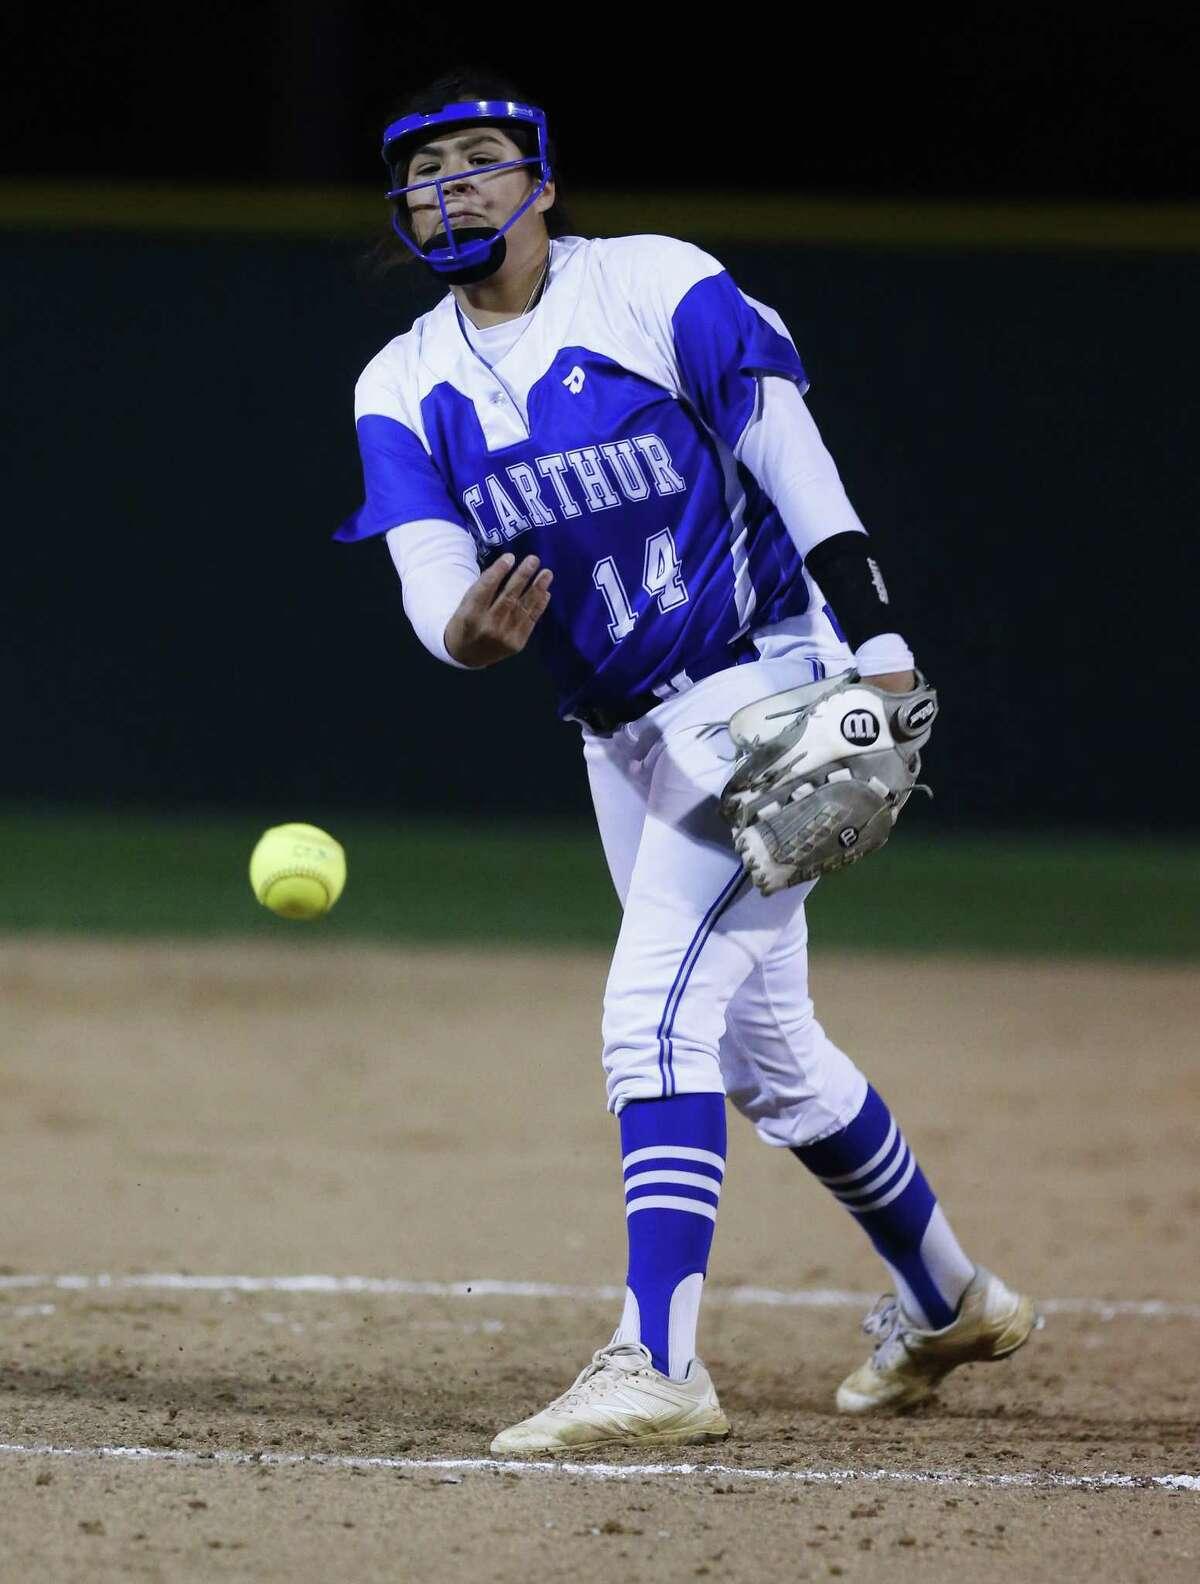 MacArthur pitcher Elizabeth Montes